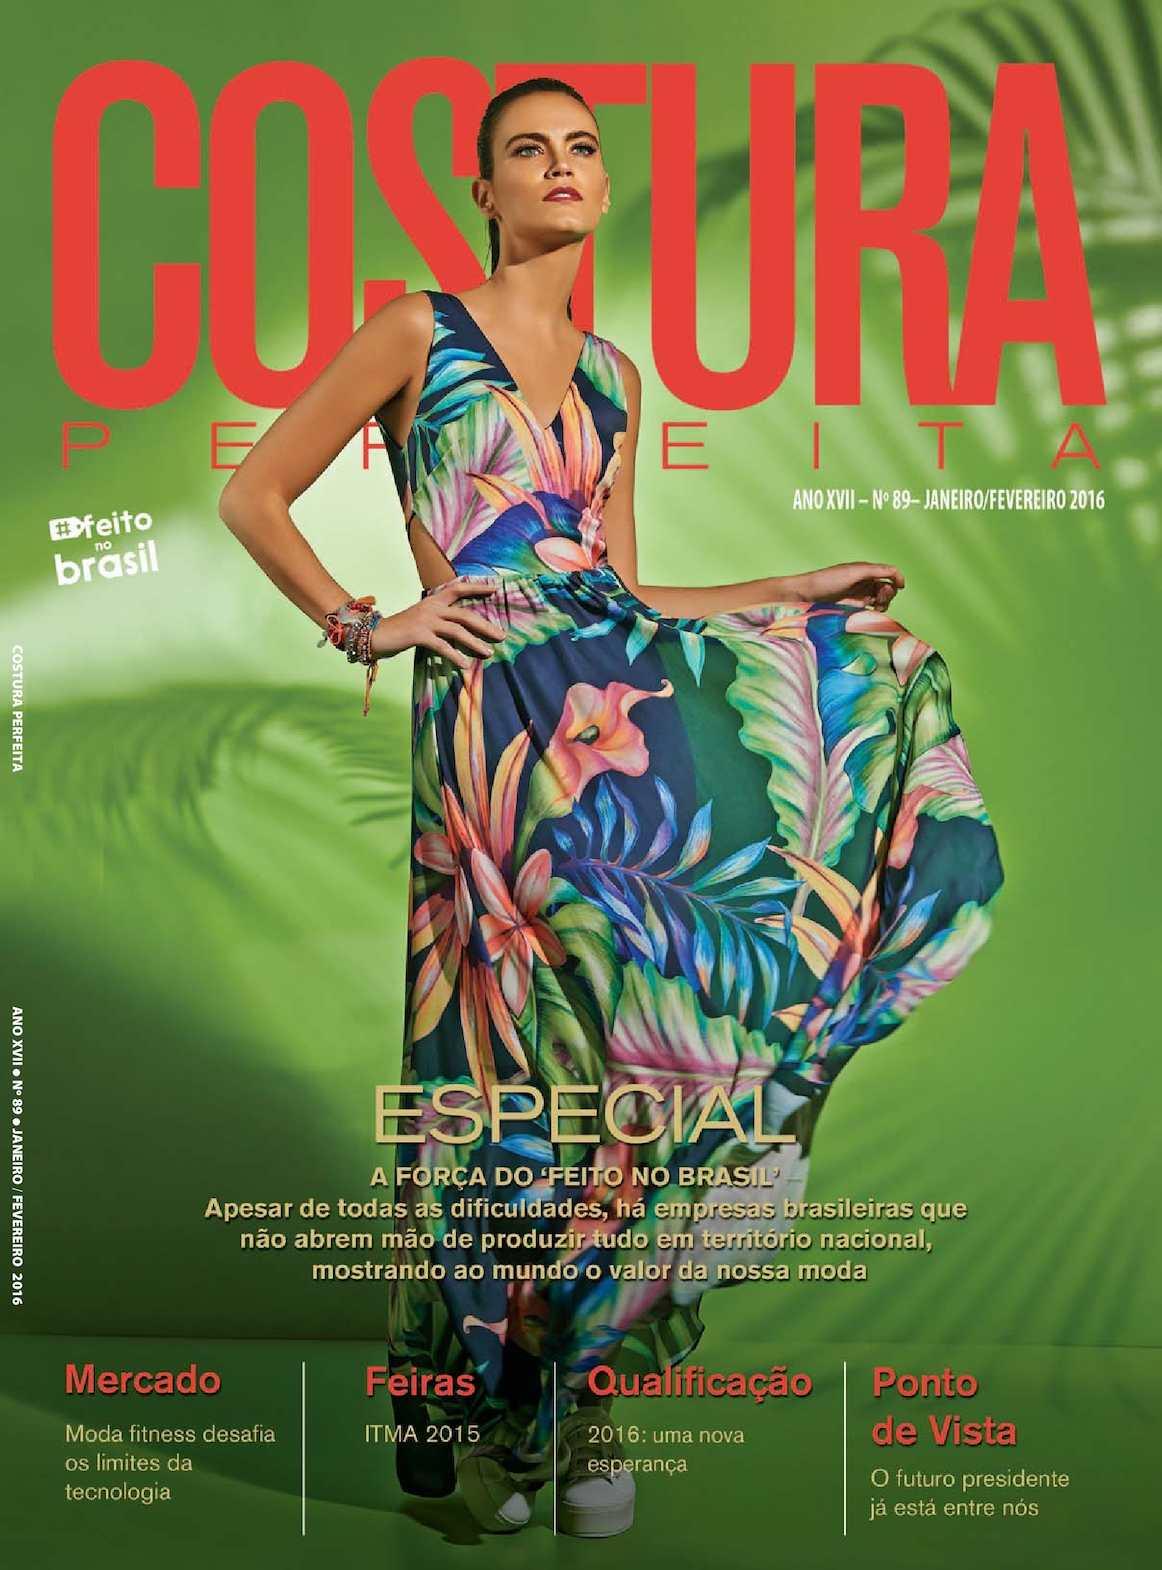 1af71f067 Calaméo - Revista Costura Perfeita Edição Ano XVII - N89 -  Janeiro-Fevereiro 2016